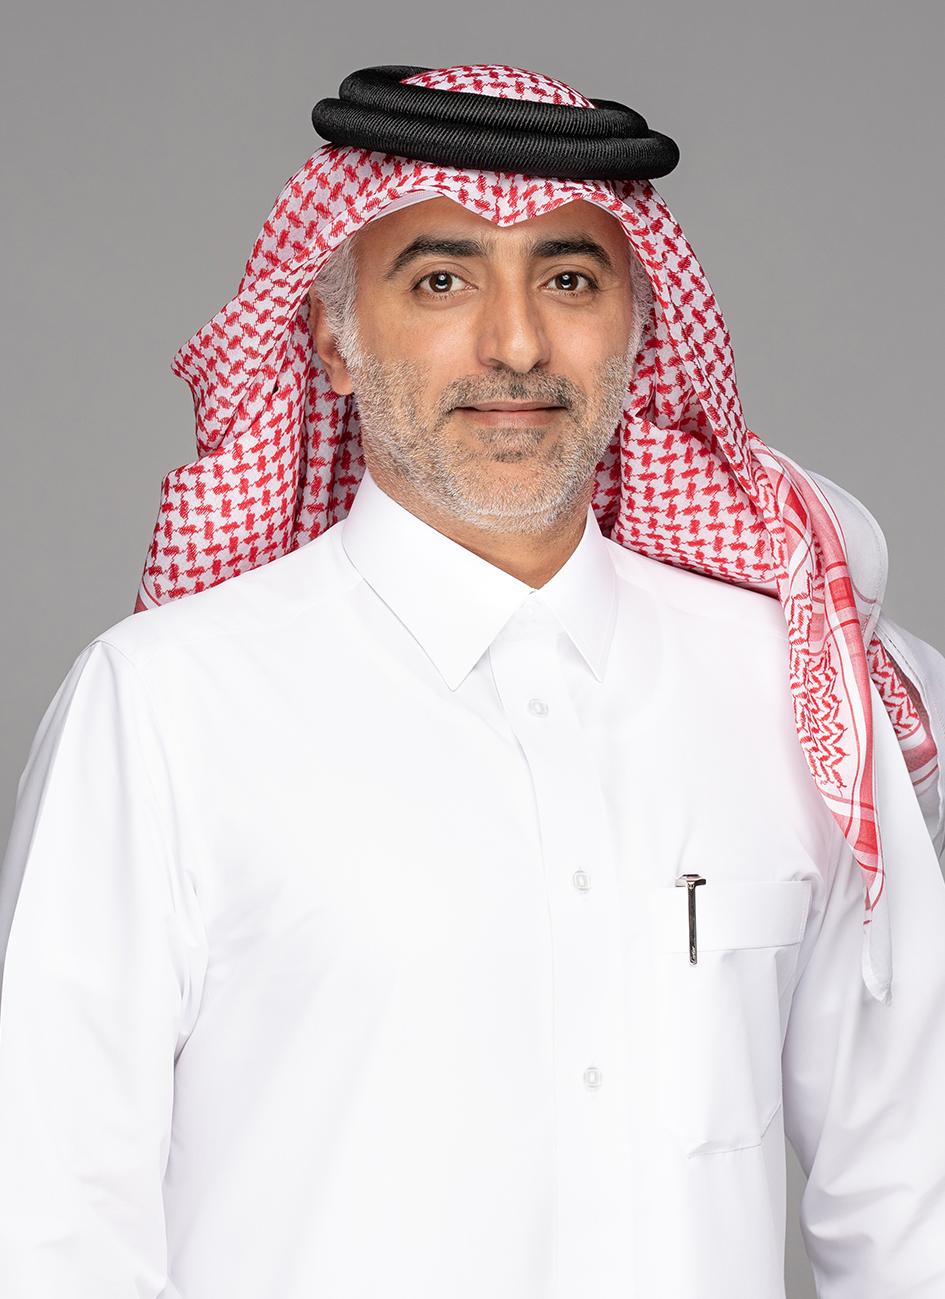 Abdulhadi Fahad AM Al-Hajri